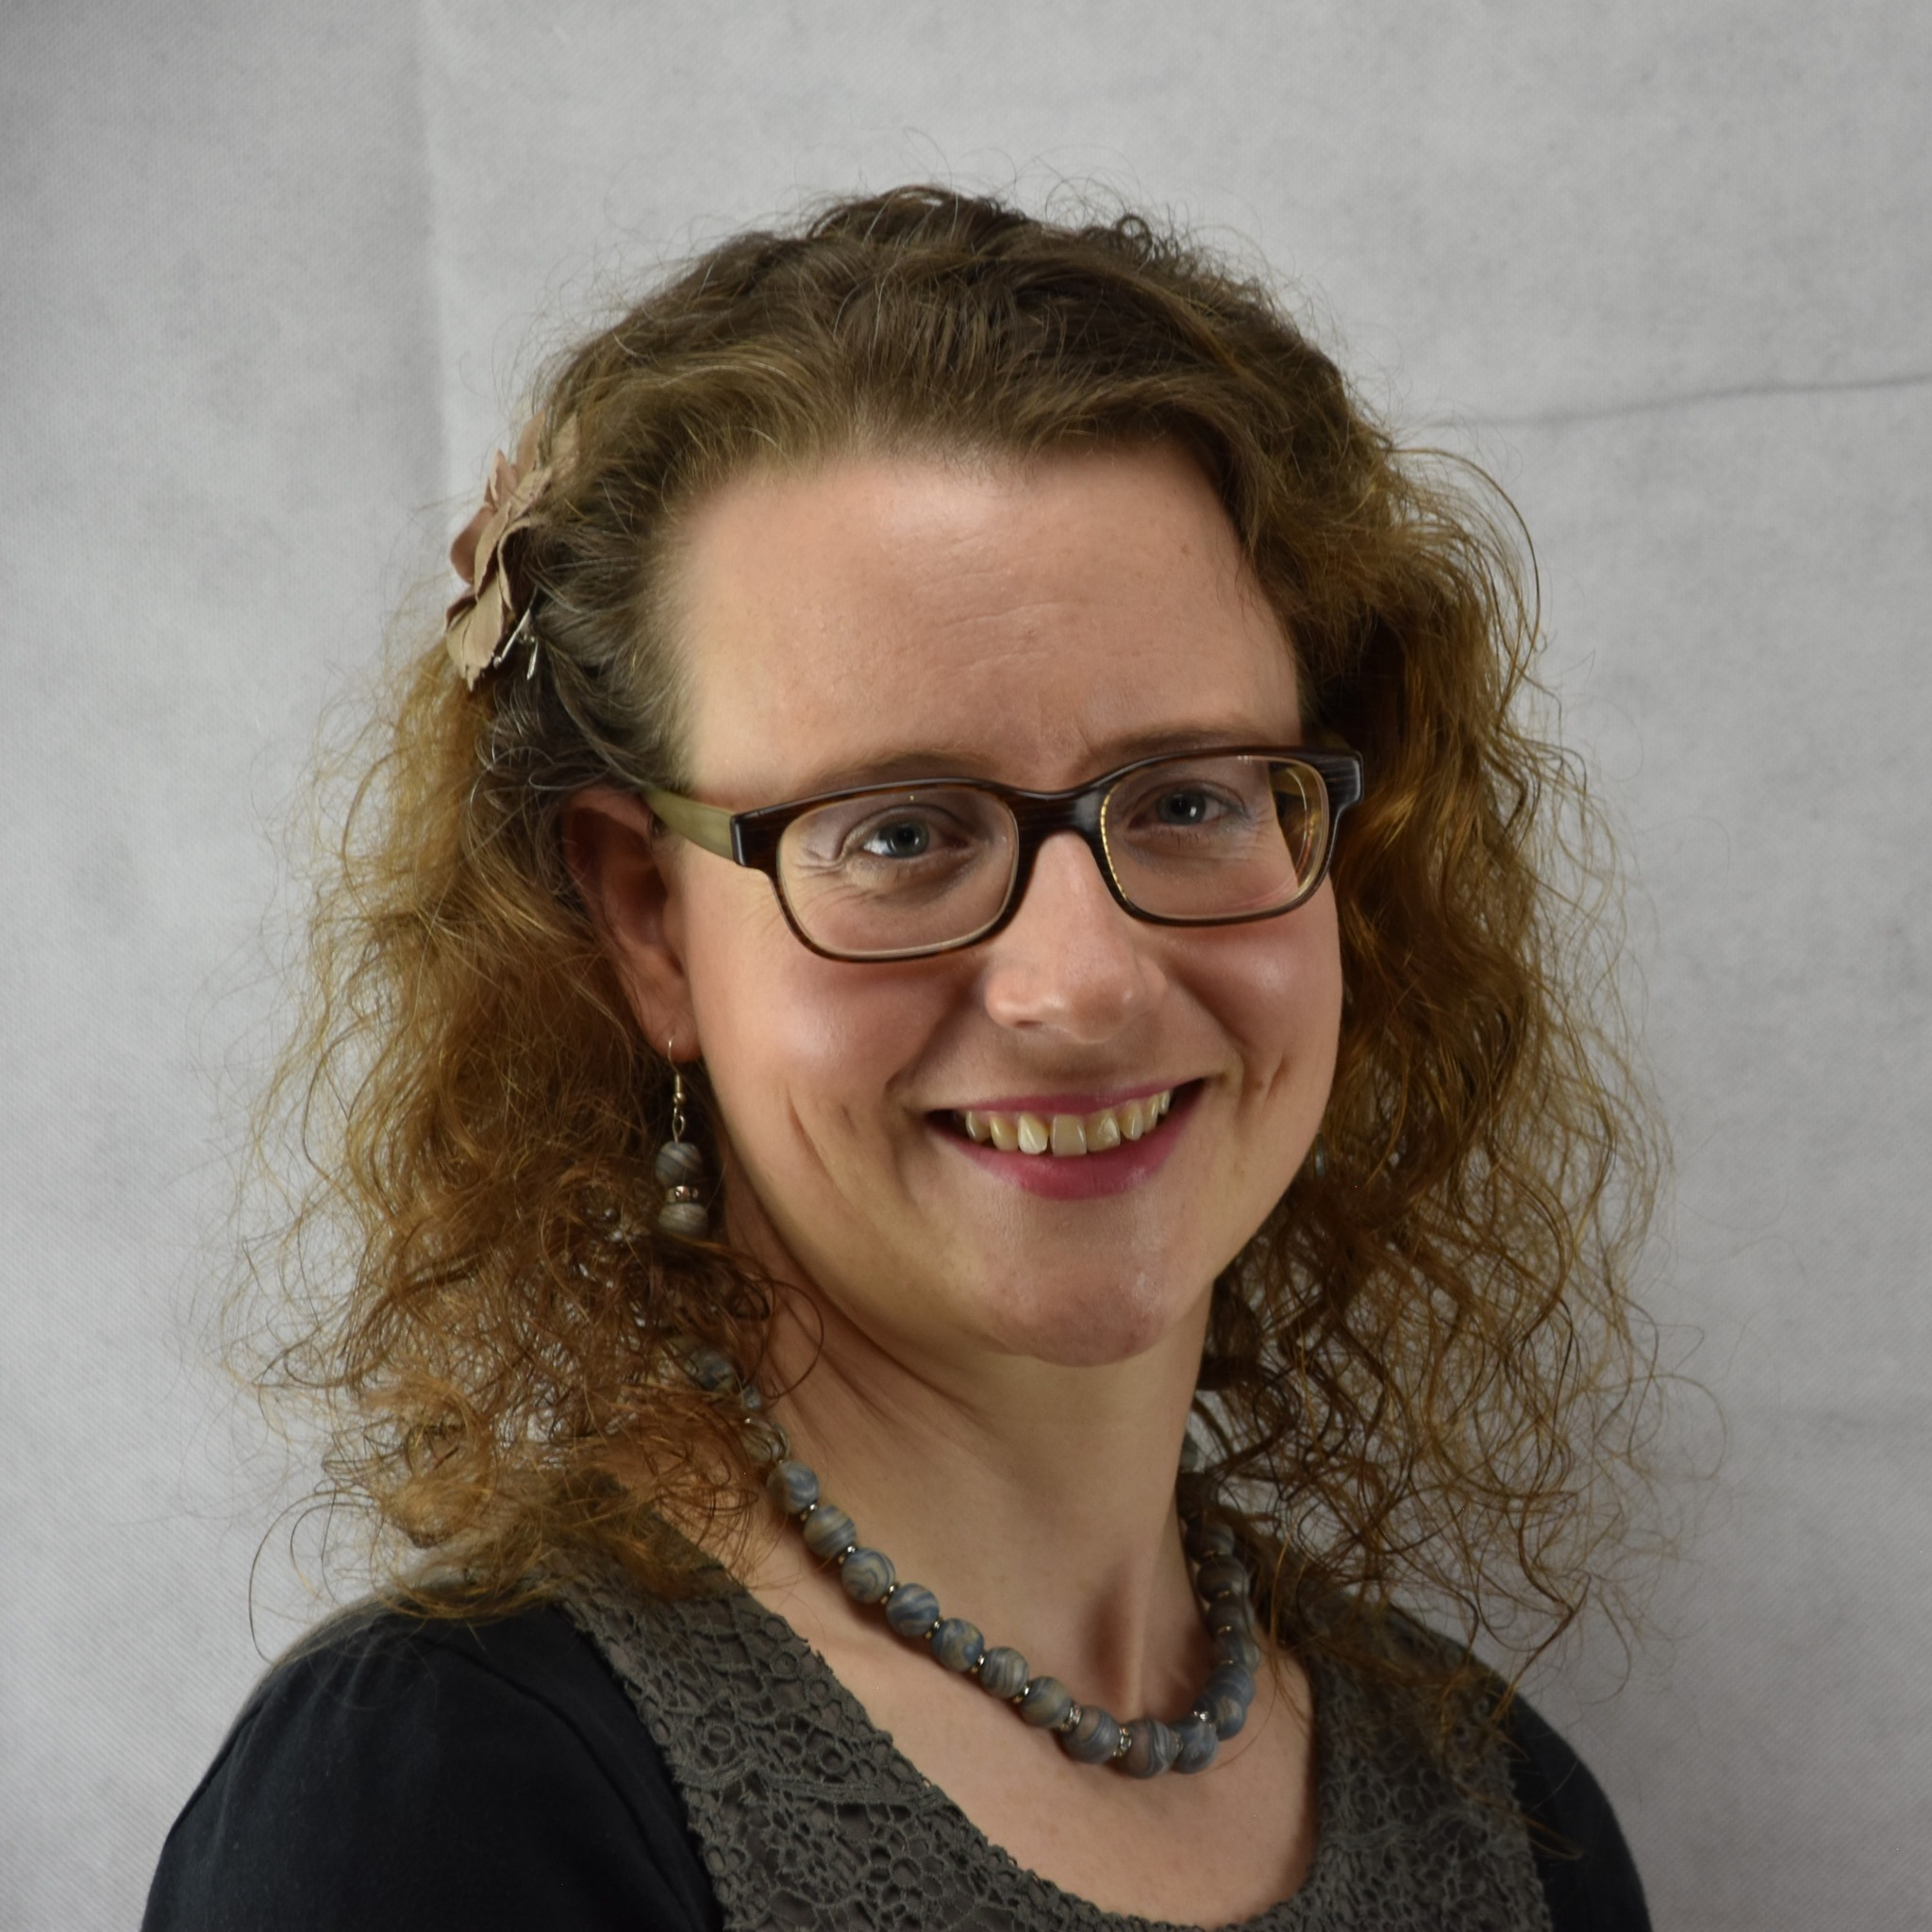 Anne Florence Schranz